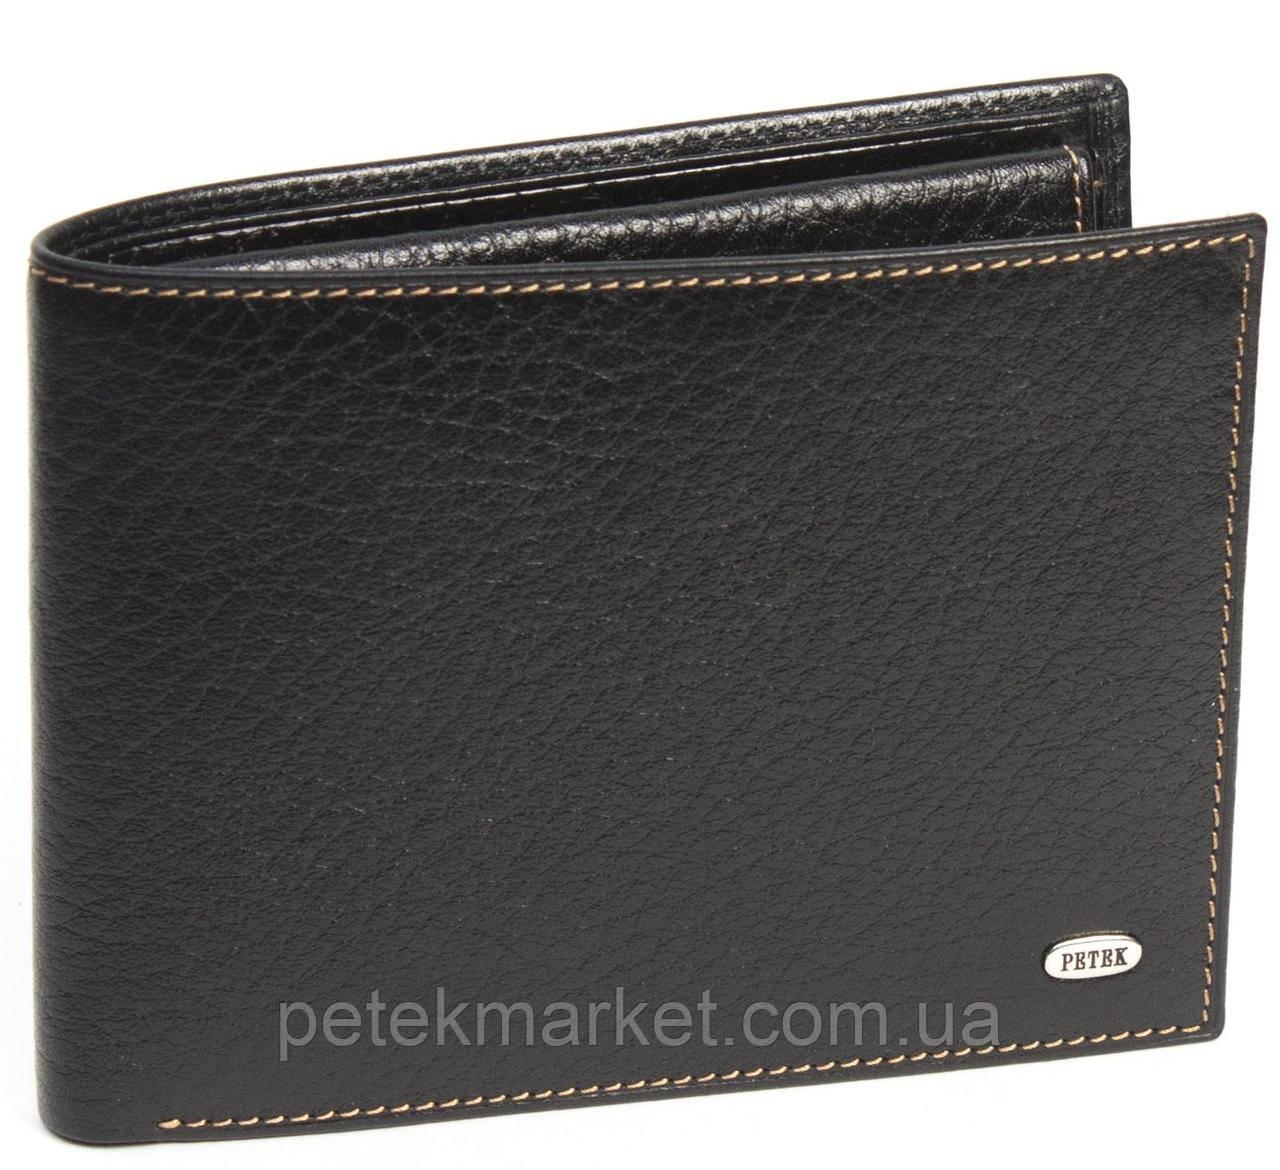 Кожаное мужское портмоне Petek 131-46B-KD1